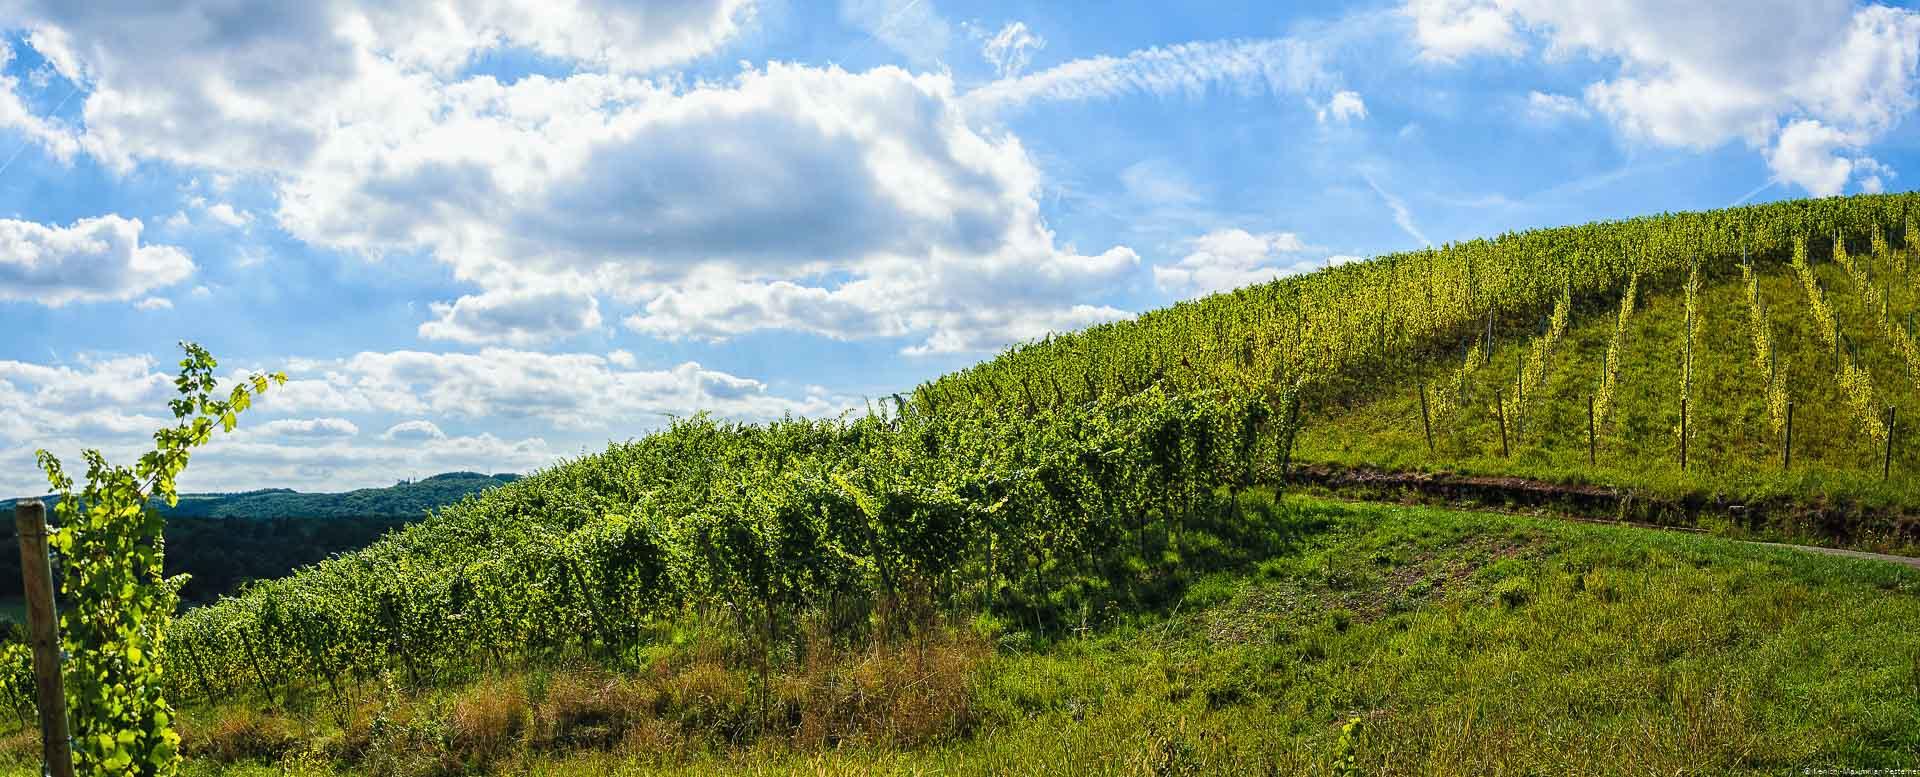 Wolken ziehen über diesen alten Weinberg Wawerner Herrenberger an der Saar.